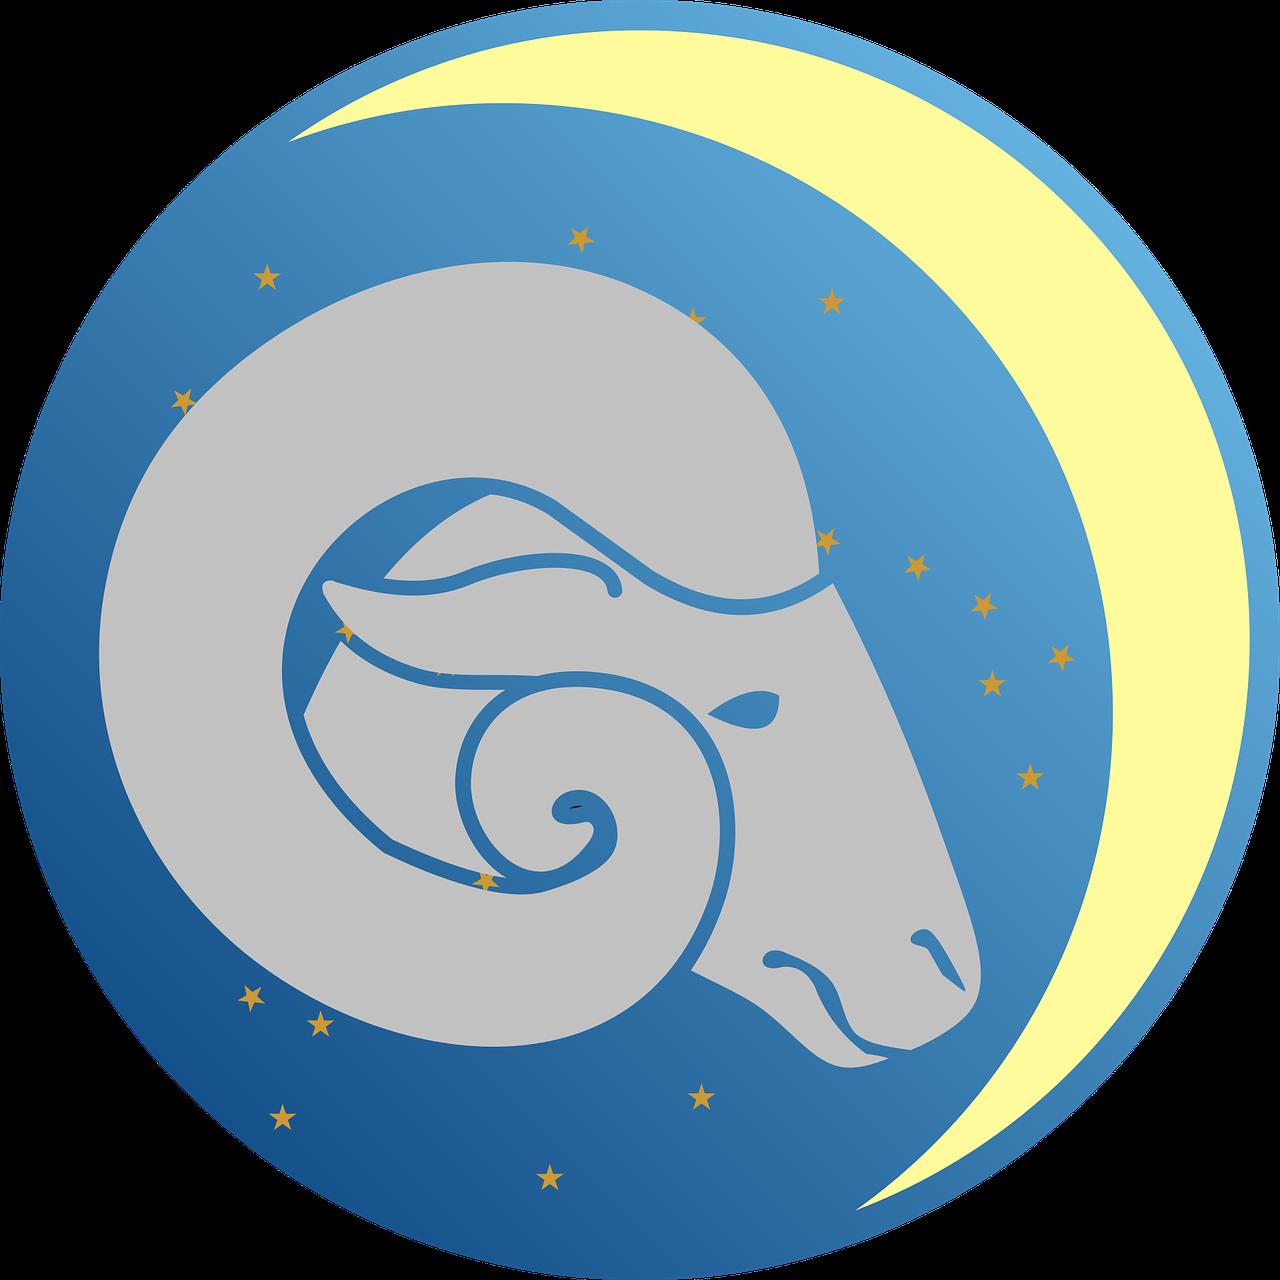 Mesec u Ovnu